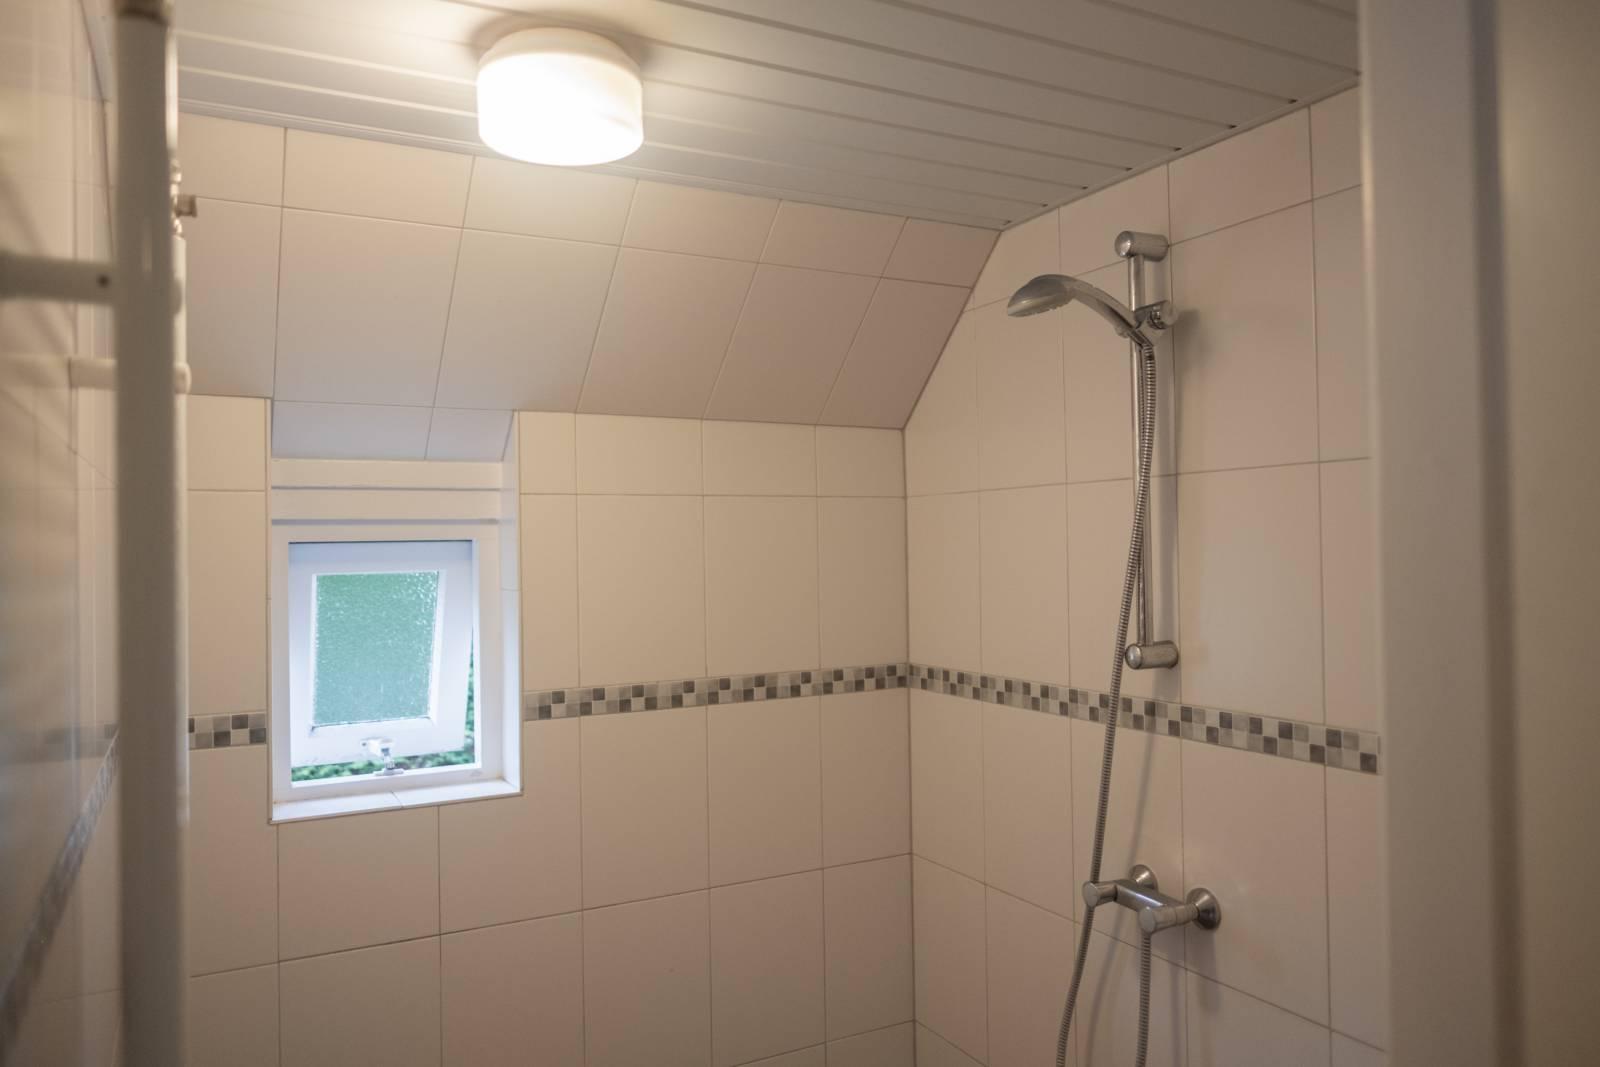 Vakantiehuisje, badkamer